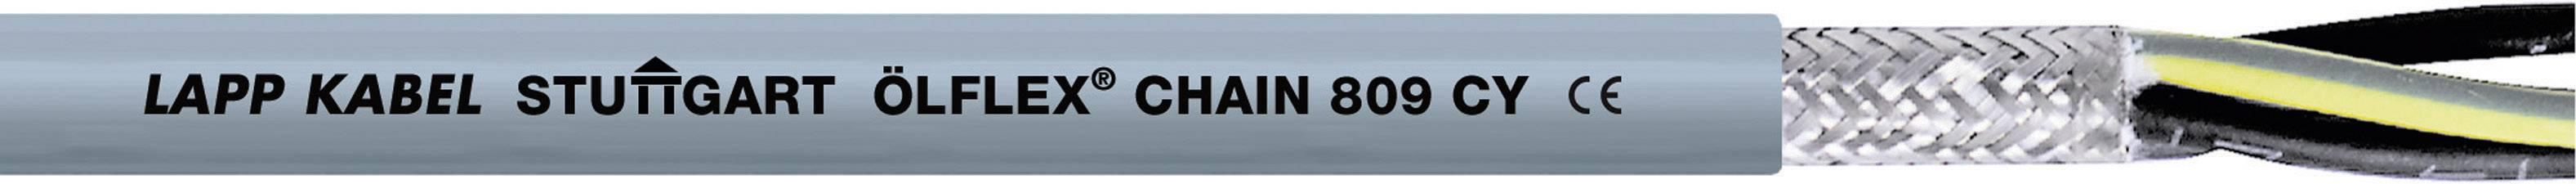 Žíla kabelu LappKabel ÖLFLEX CHAIN 809 CY 18G0,75 (1026765), 18x 0,75 mm², PVC, Ø 13 mm, stíněný, 50 m, šedá